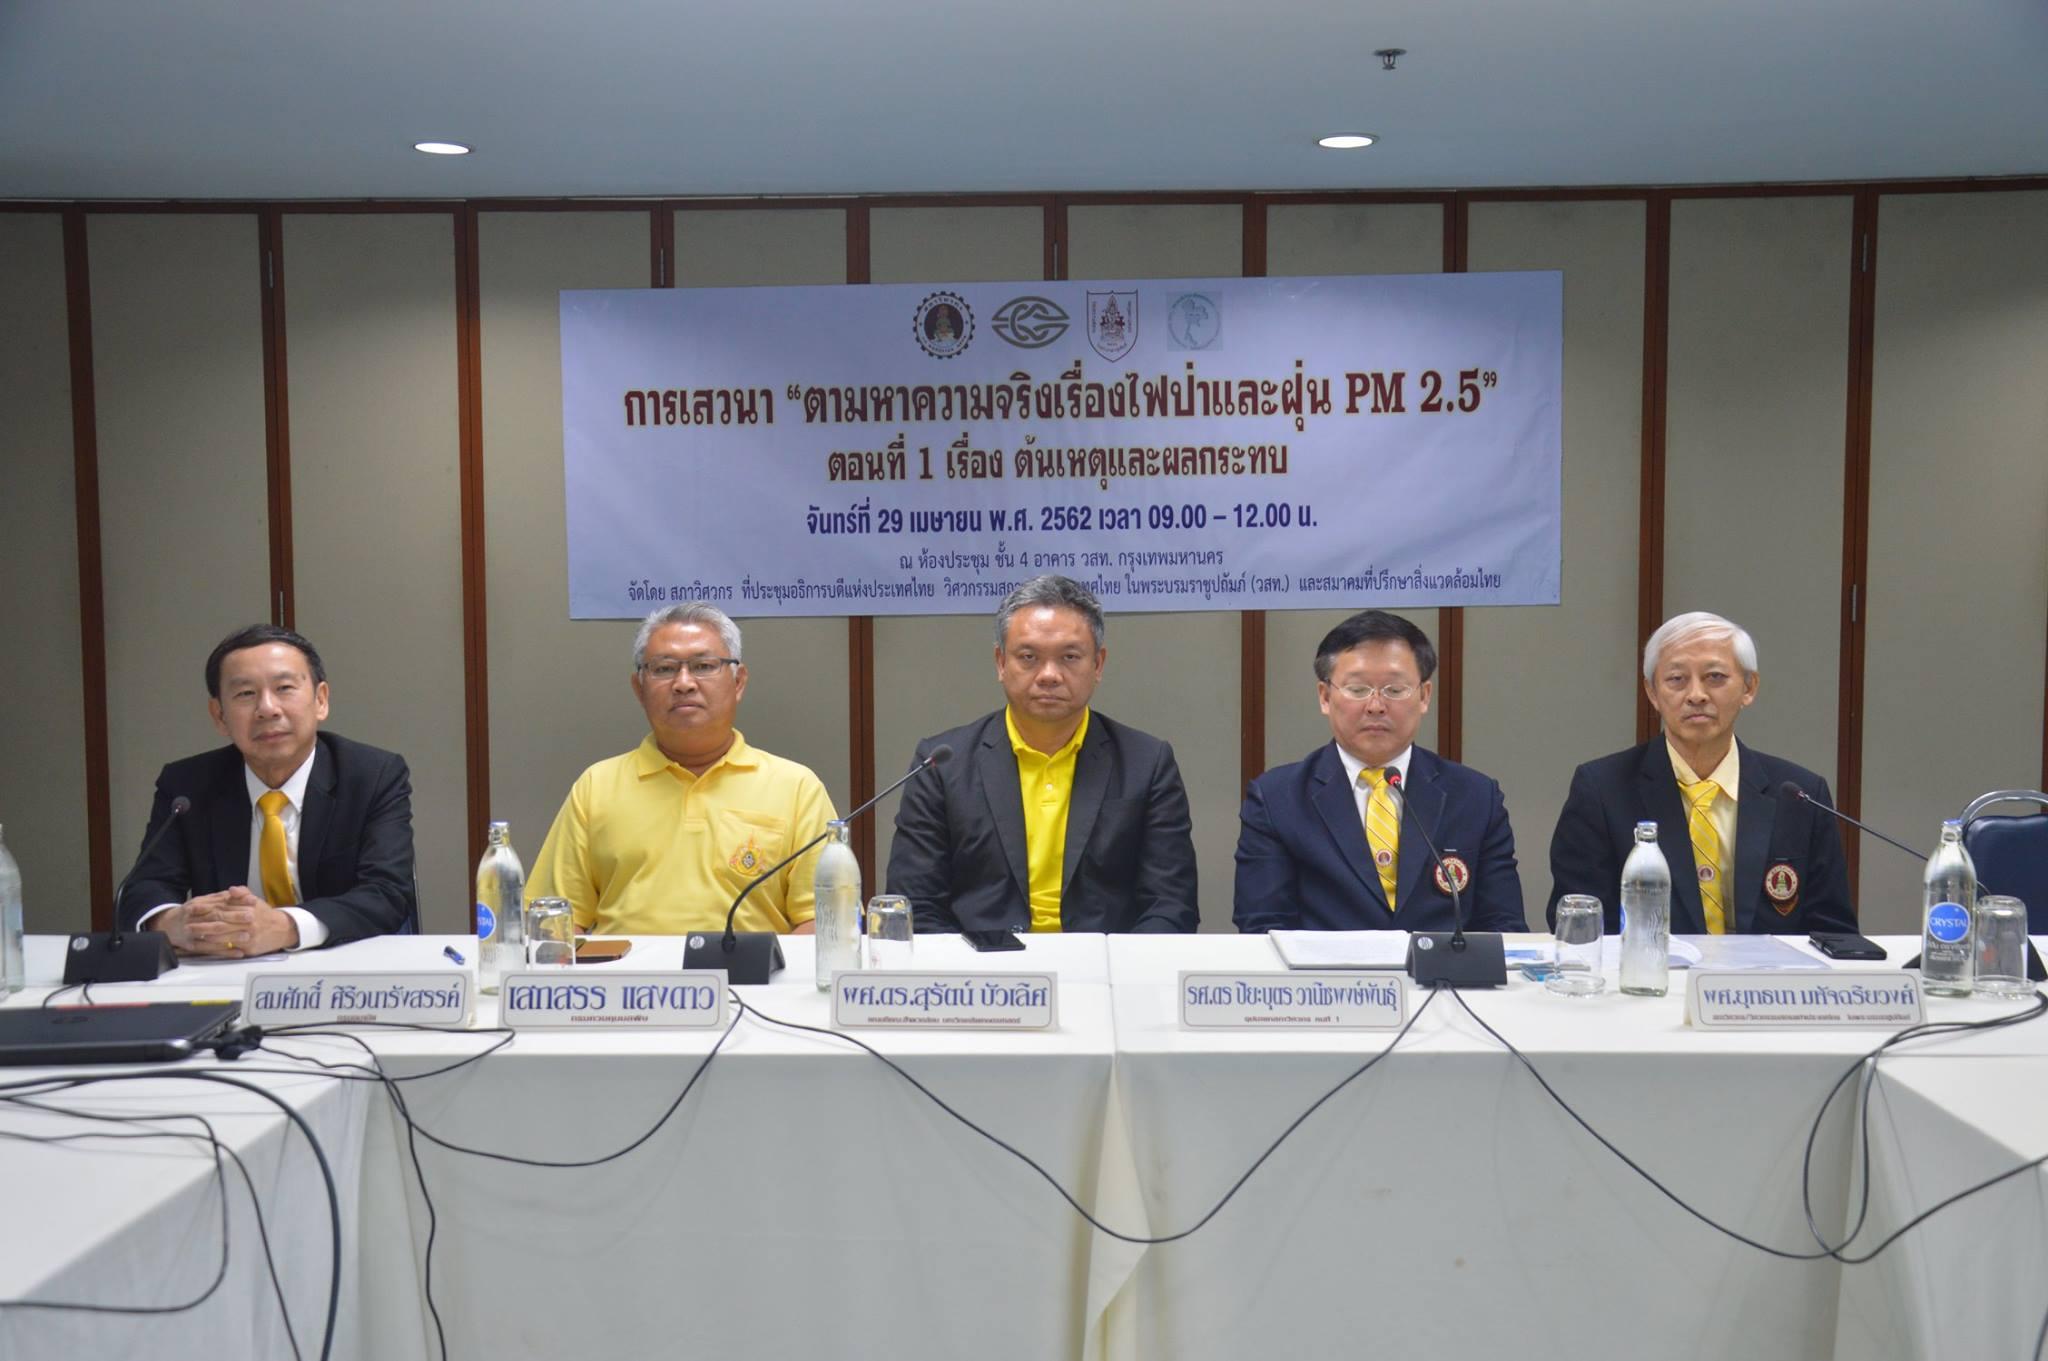 การเสวนาตามหาความจริงเรื่องไฟป่าและฝุ่น PM 2.5 ตอนที่ 1 เรื่องต้นเหตุและผลกระทบ